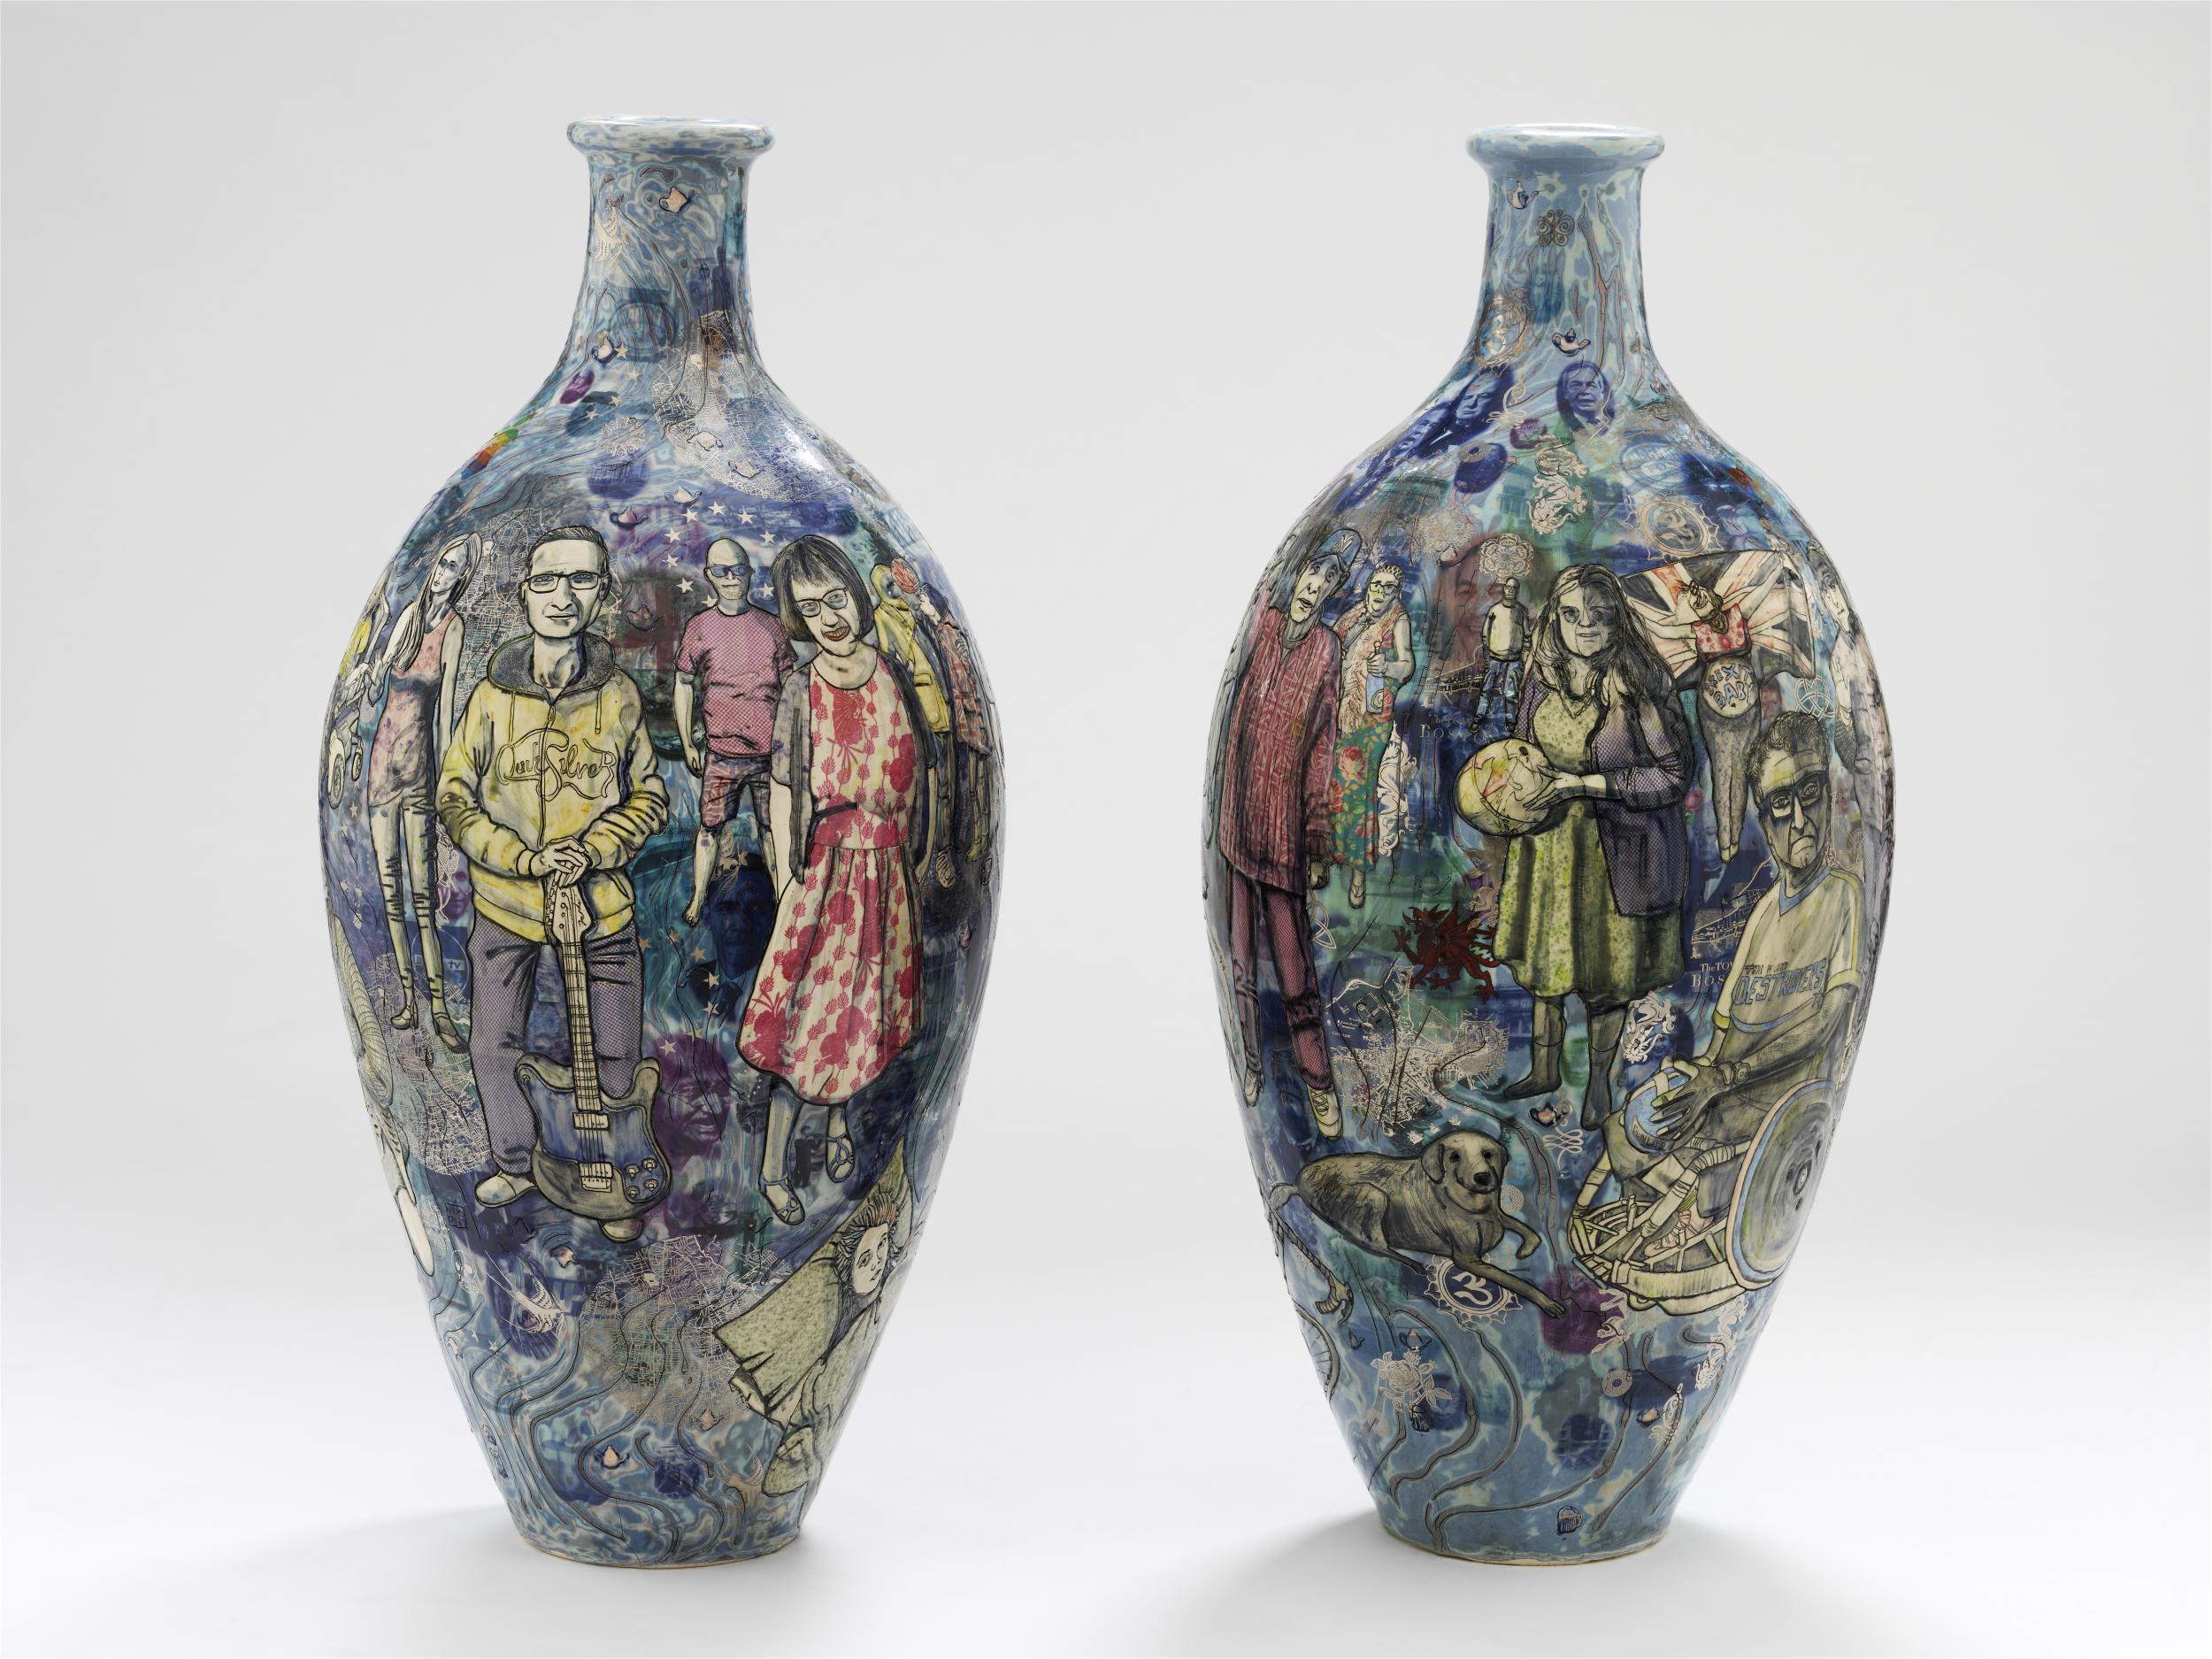 Британский художник Грейсон Перри: между традиционным искусством и «контемпорари артом»